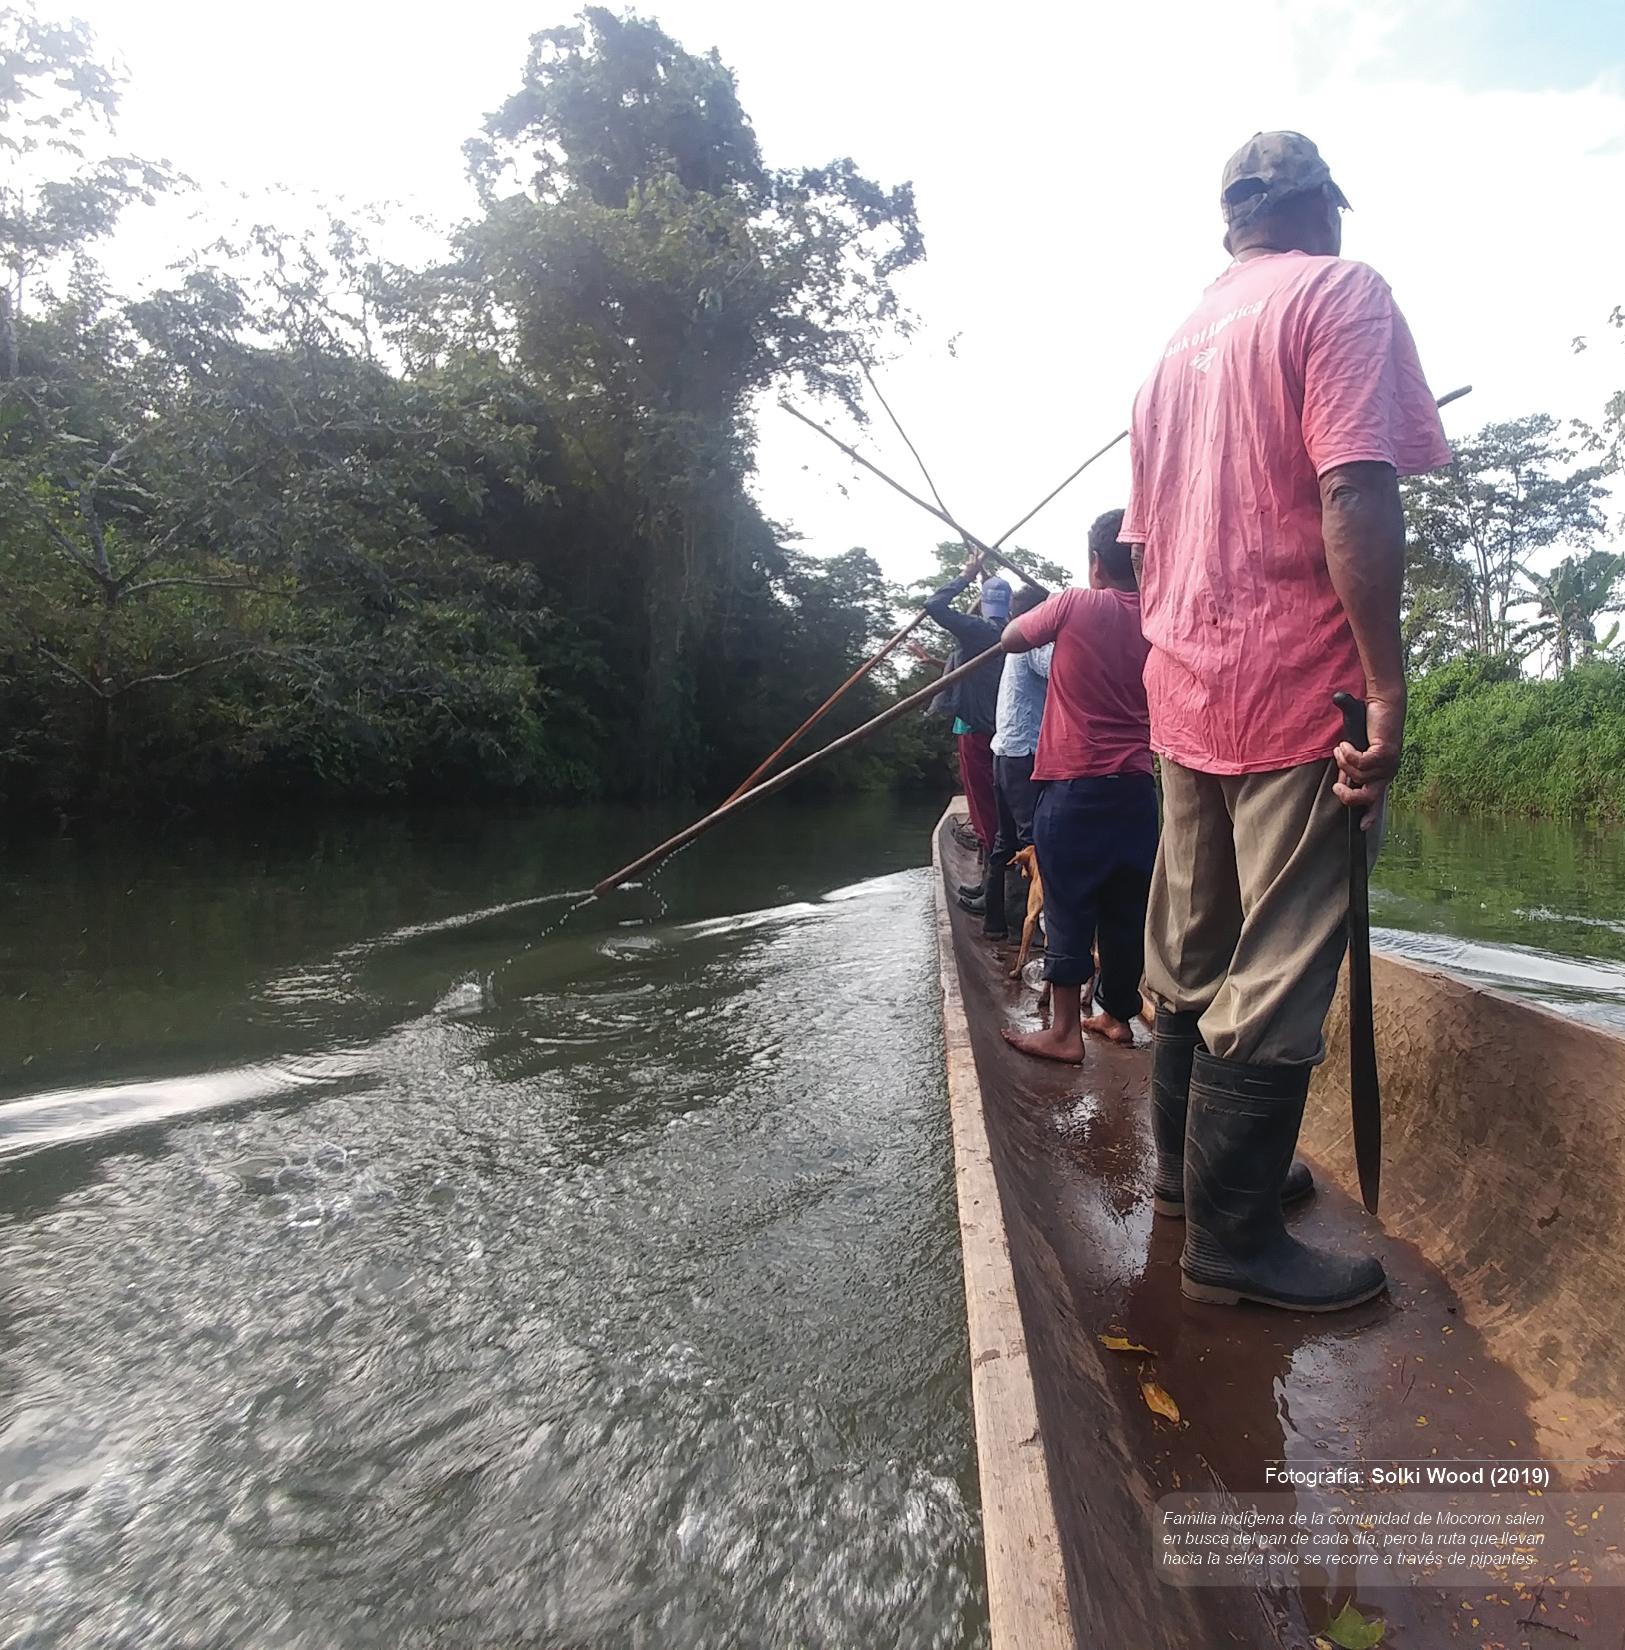 Familia indígena de la comunidad de Mocoron salen en busca del pan de cada día, pero la ruta que llevan hacia la selva solo se recorre a través de pipantes.